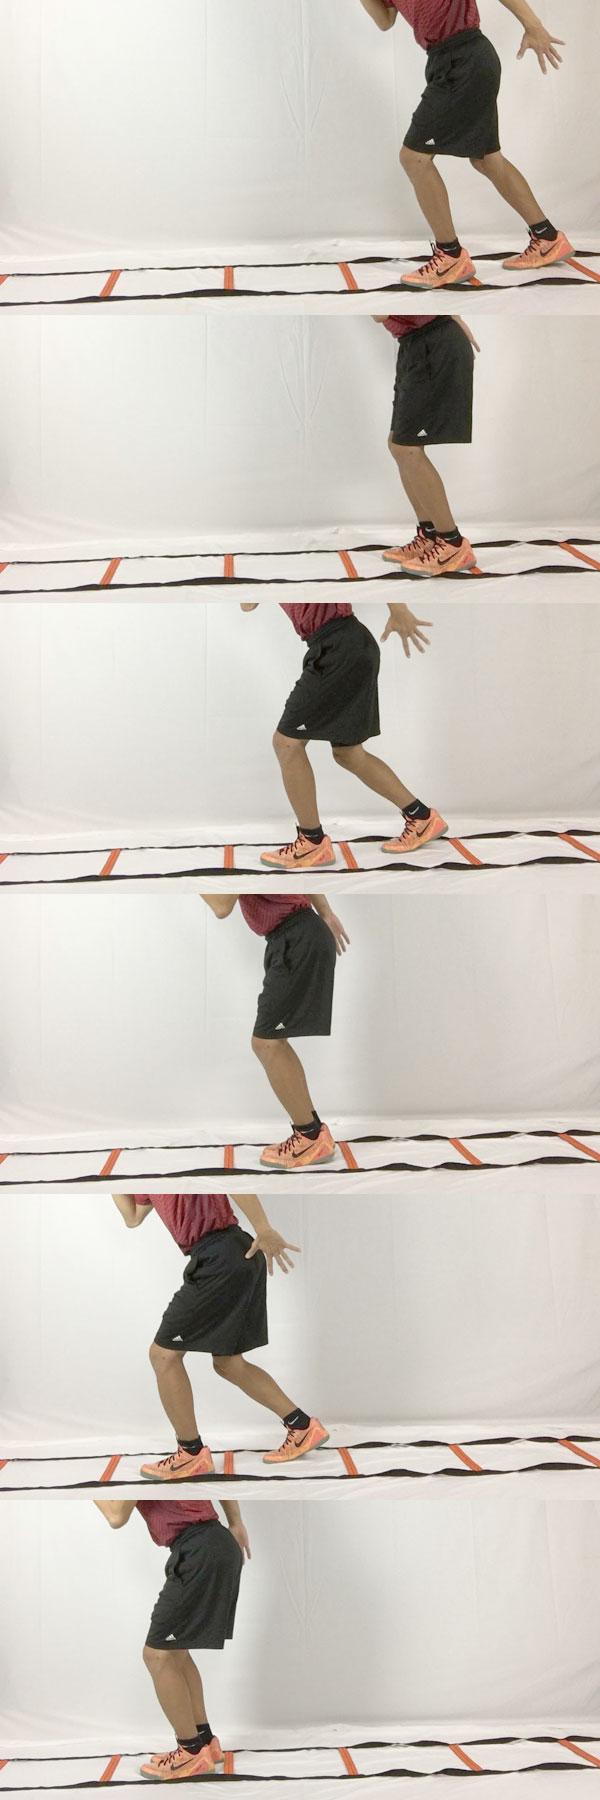 2フィートイン:サッカー向けのラダートレーニング